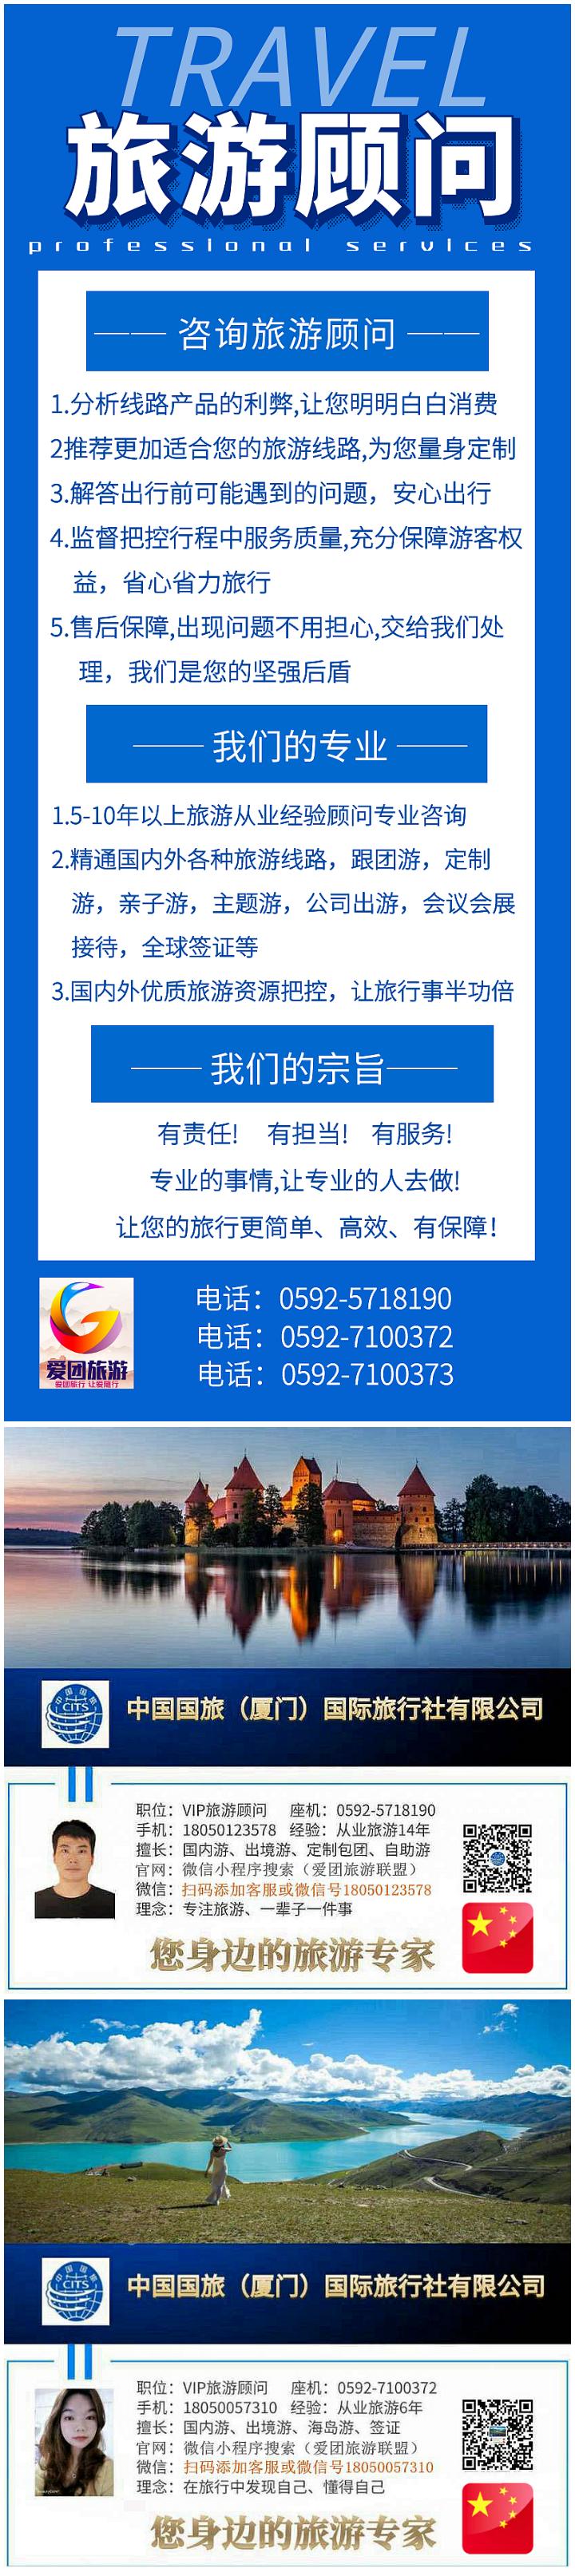 最新爱团旅游顾问长图.png